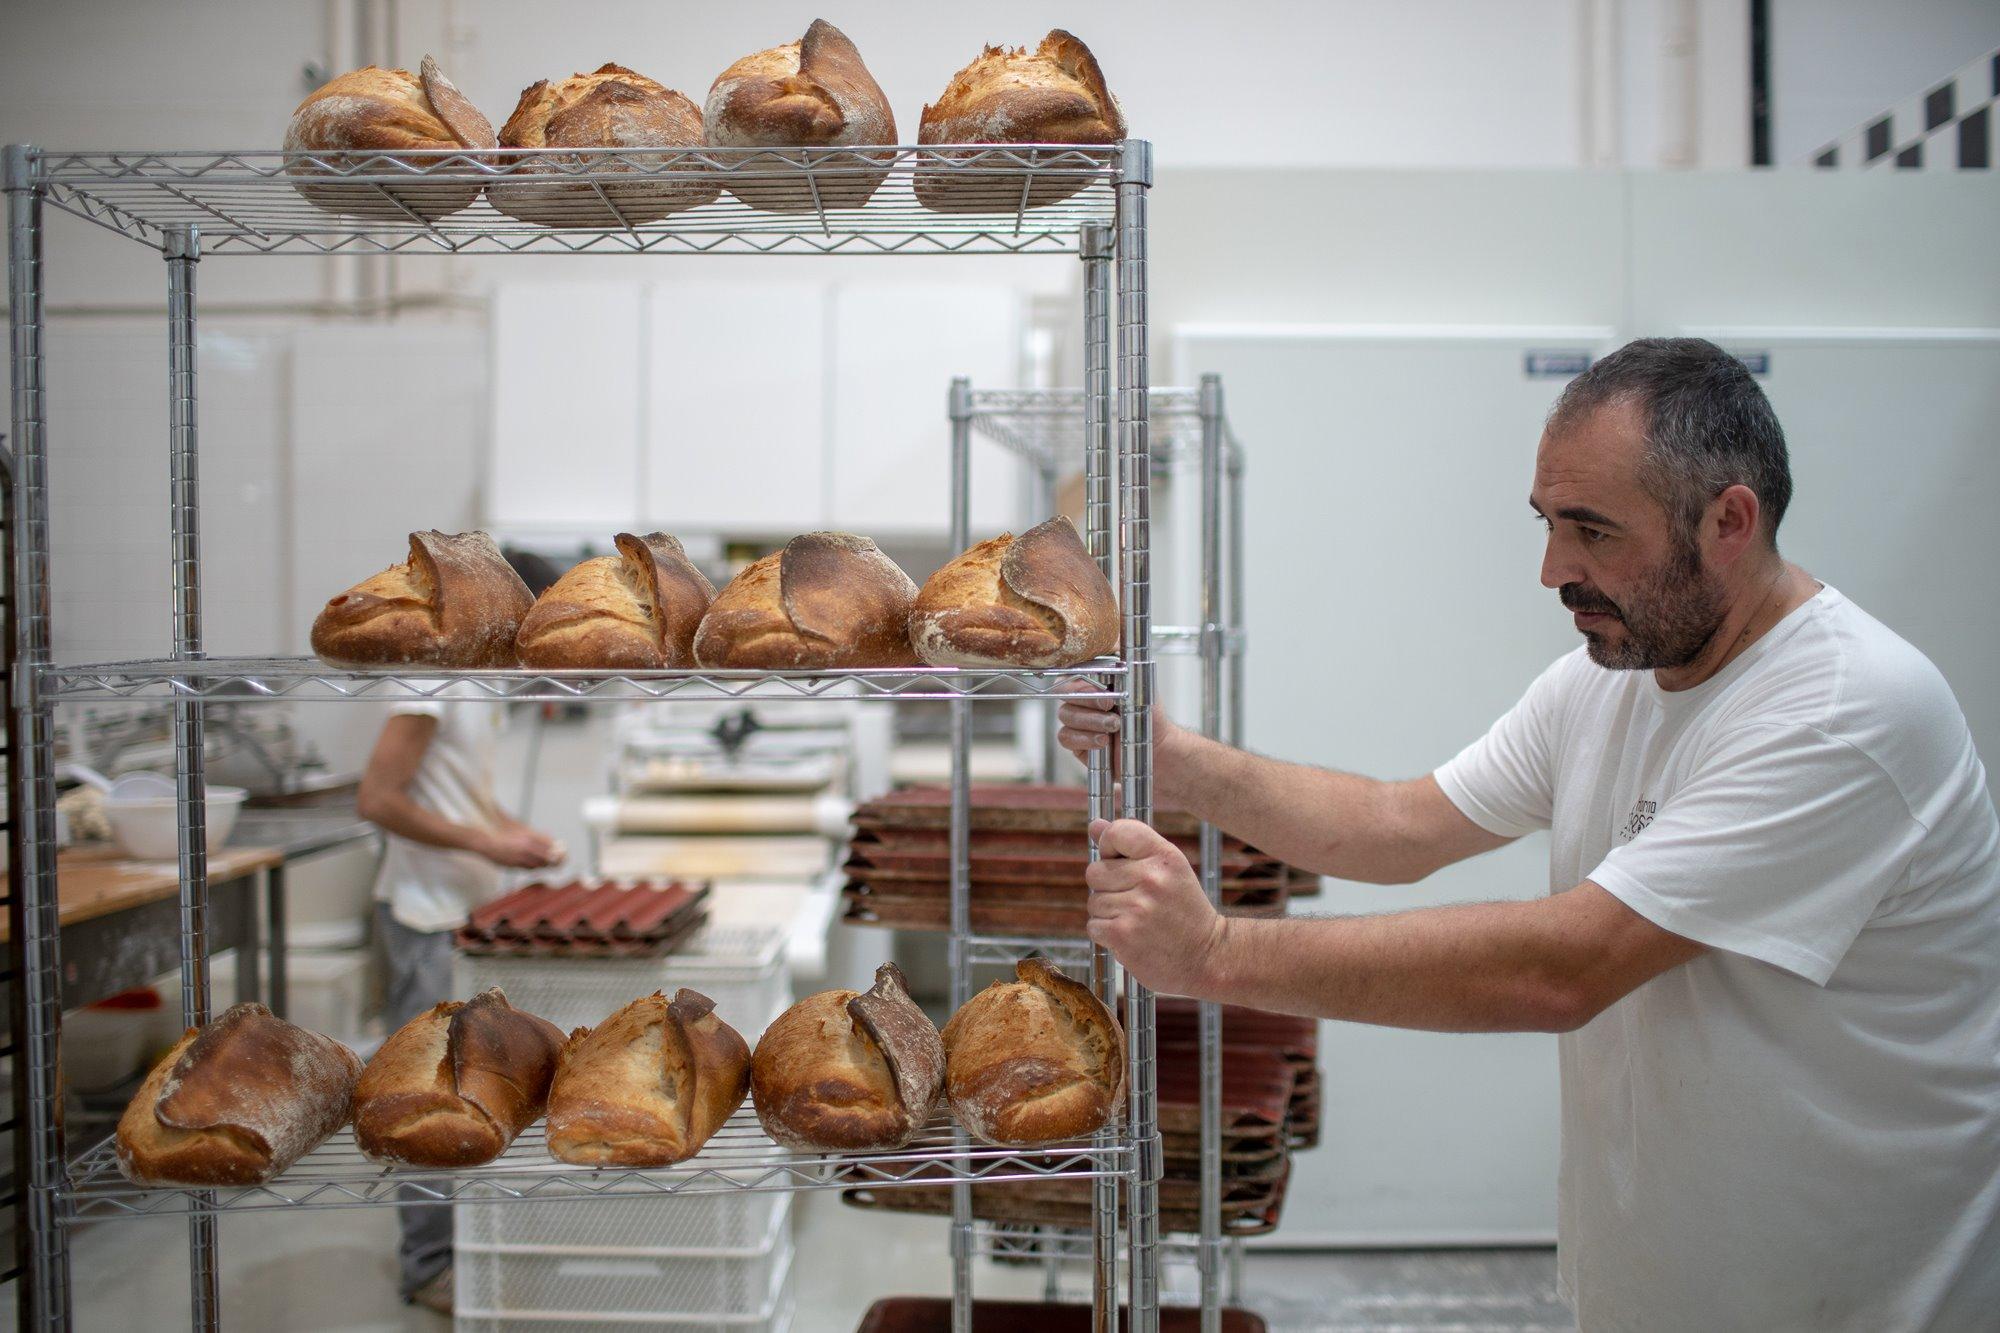 Los panes, elaborados con masa madre, listos para la venta.